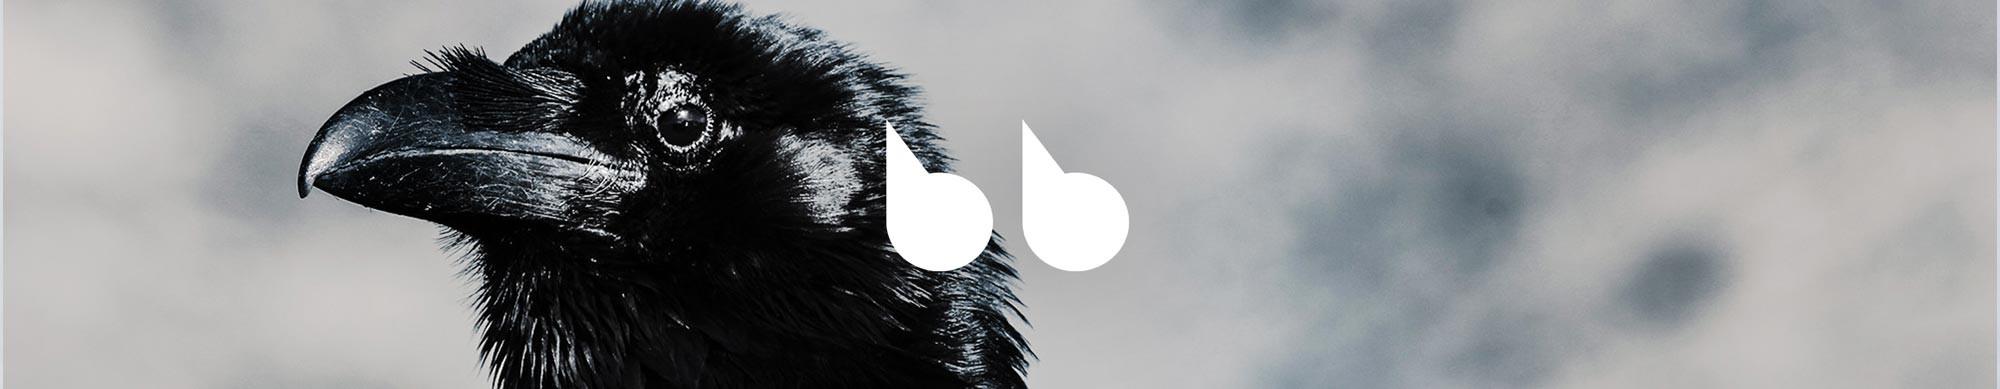 Ejercicio avanzado de listening & reading: The Raven